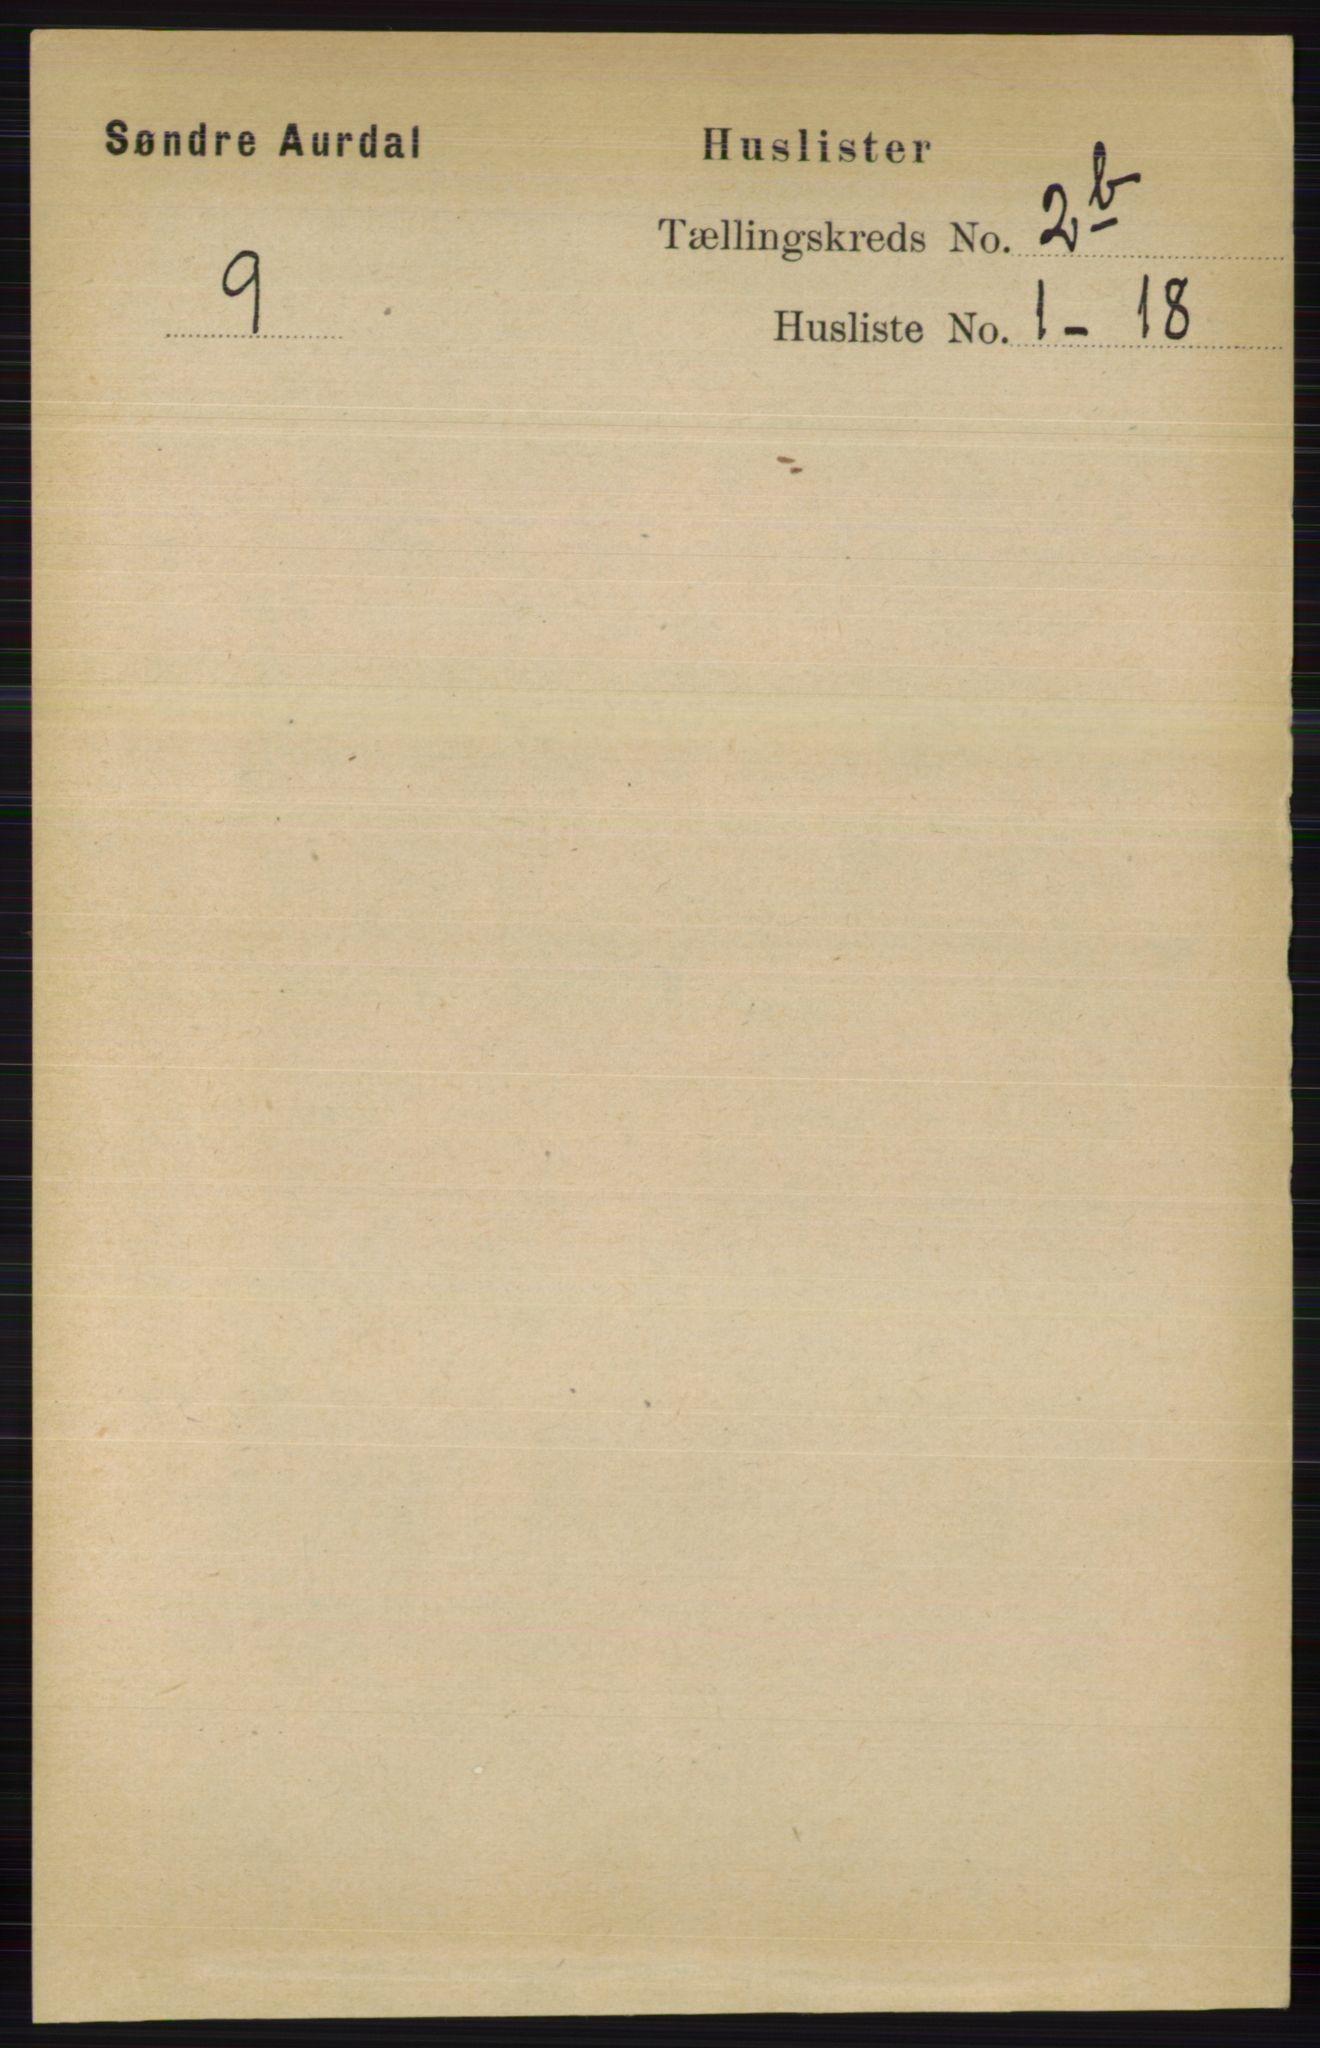 RA, Folketelling 1891 for 0540 Sør-Aurdal herred, 1891, s. 1435